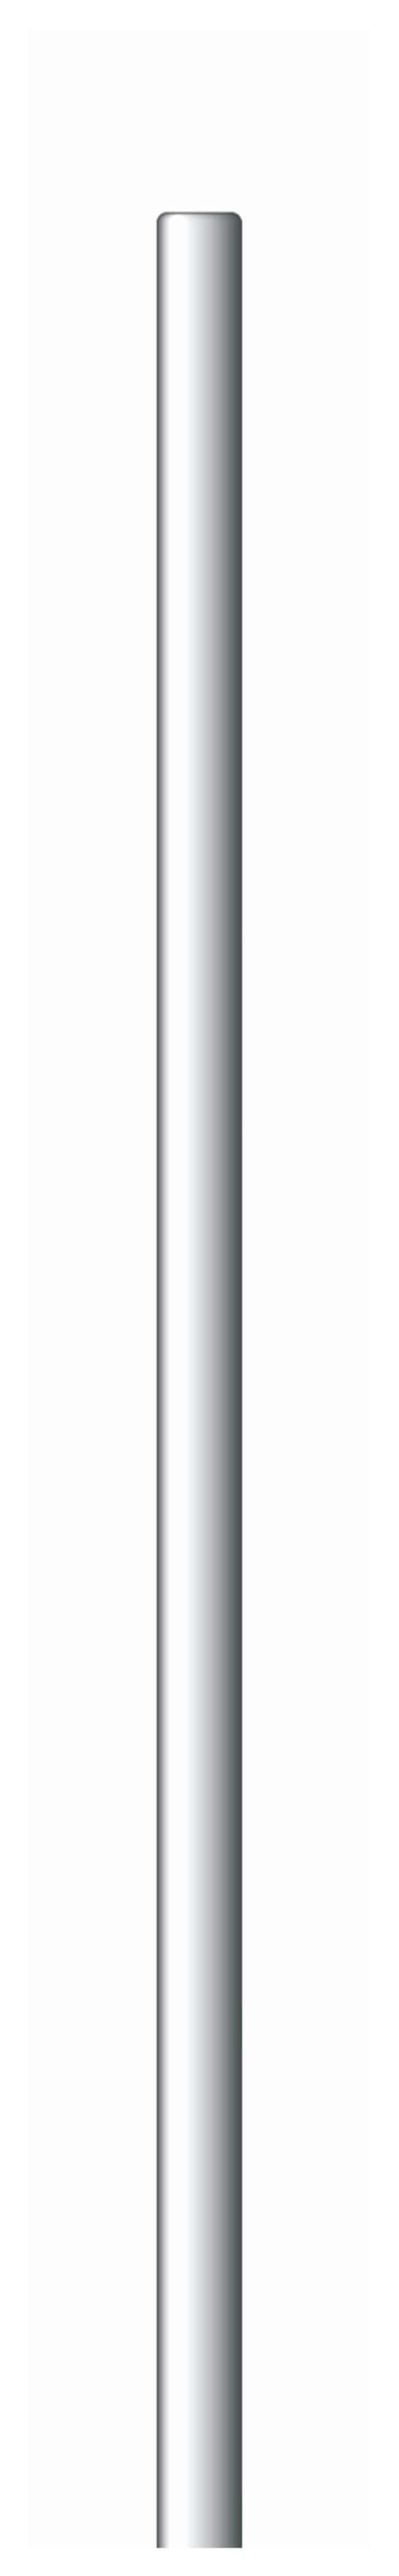 SGE™Manuelle Spritzen für Rheodyne™ und Valco™ Ventile Abnehmbare Nadel; 250μl SGE™Manuelle Spritzen für Rheodyne™ und Valco™ Ventile